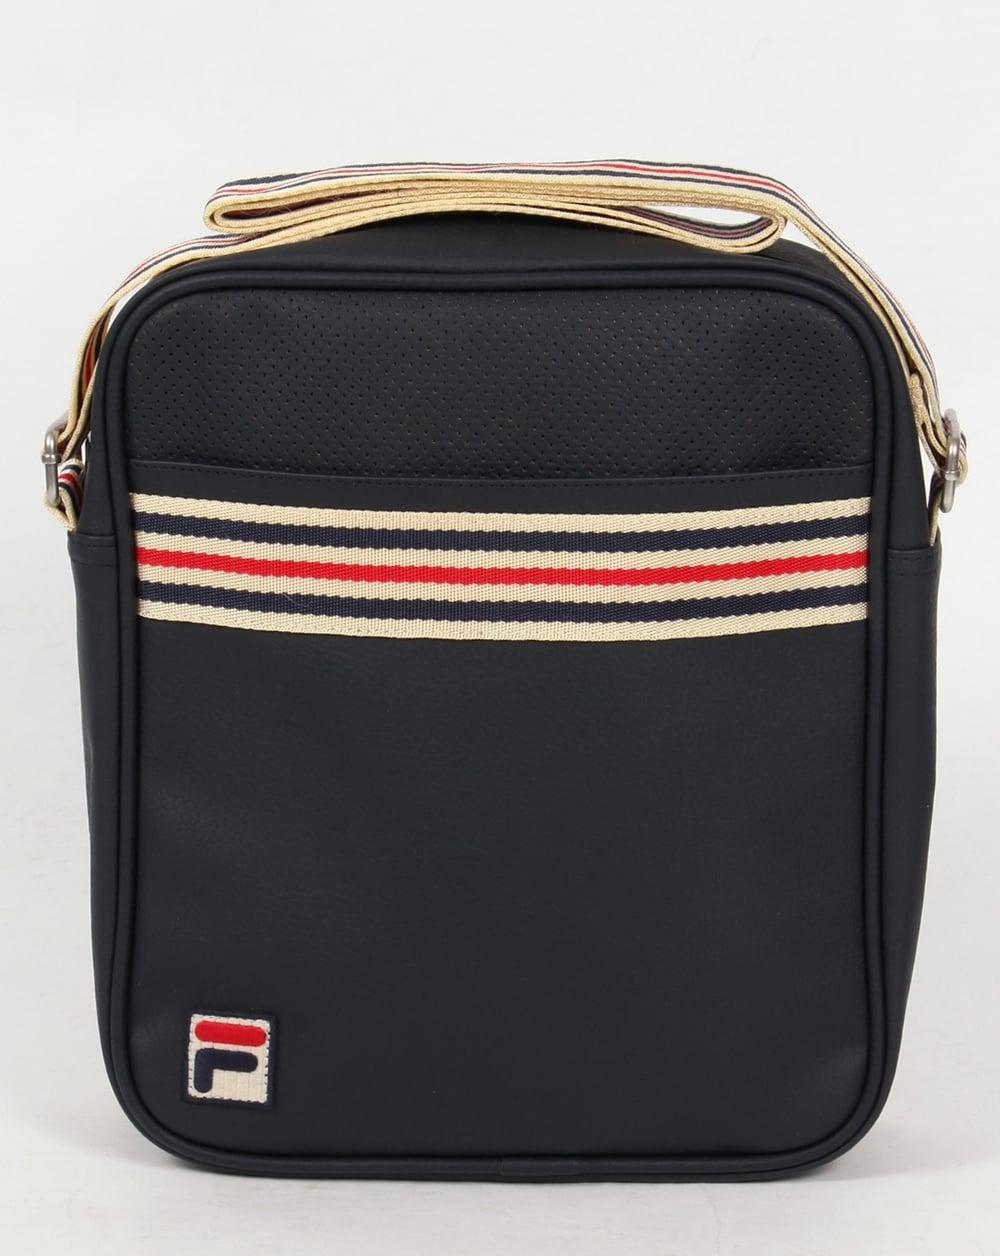 Fila Vintage Court Small Shoulder Bag Navy,holdall,messenger